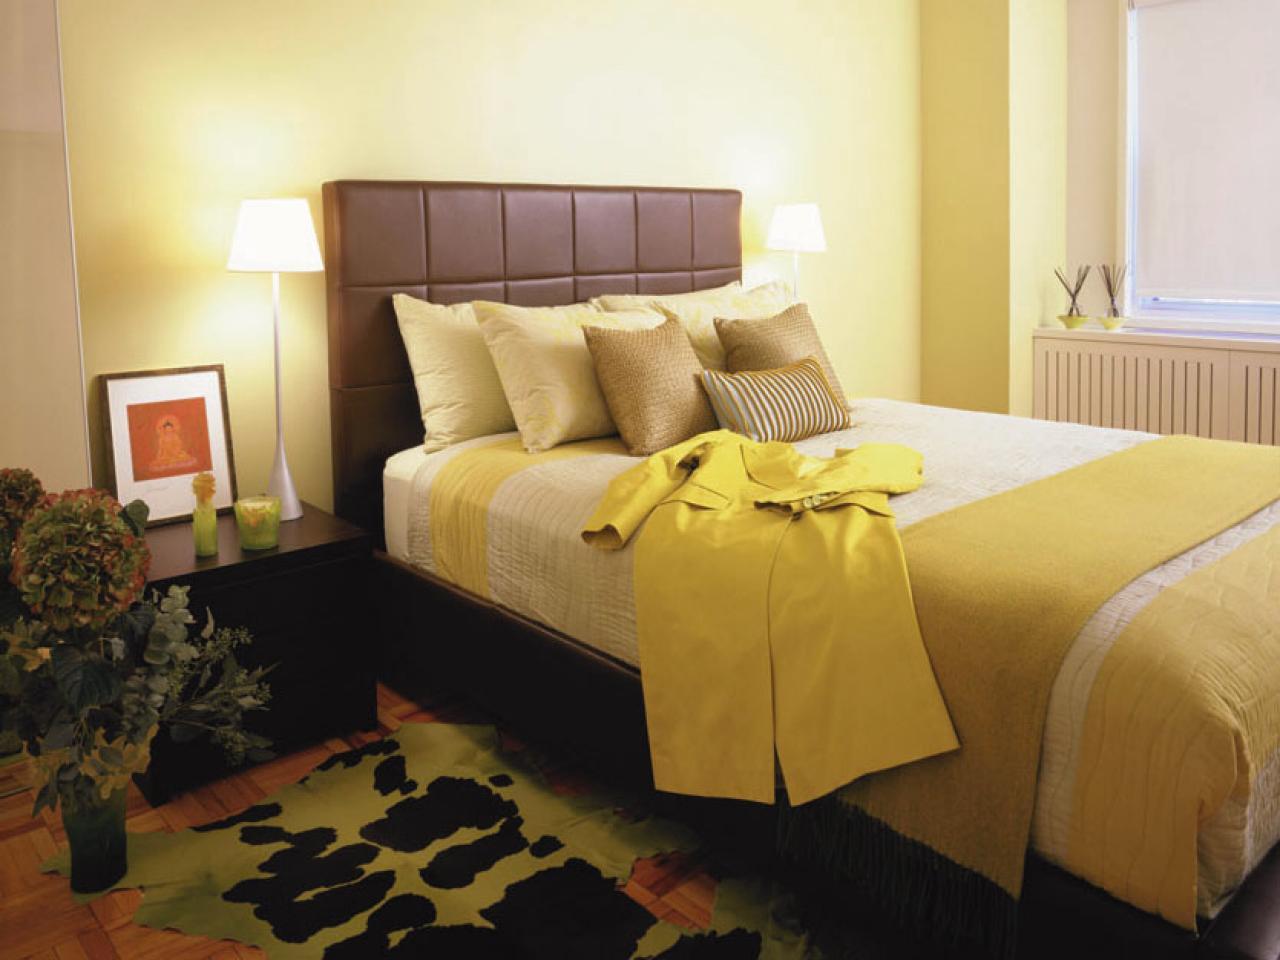 Amazing Master Bedroom Color Combinations bedroom color combination